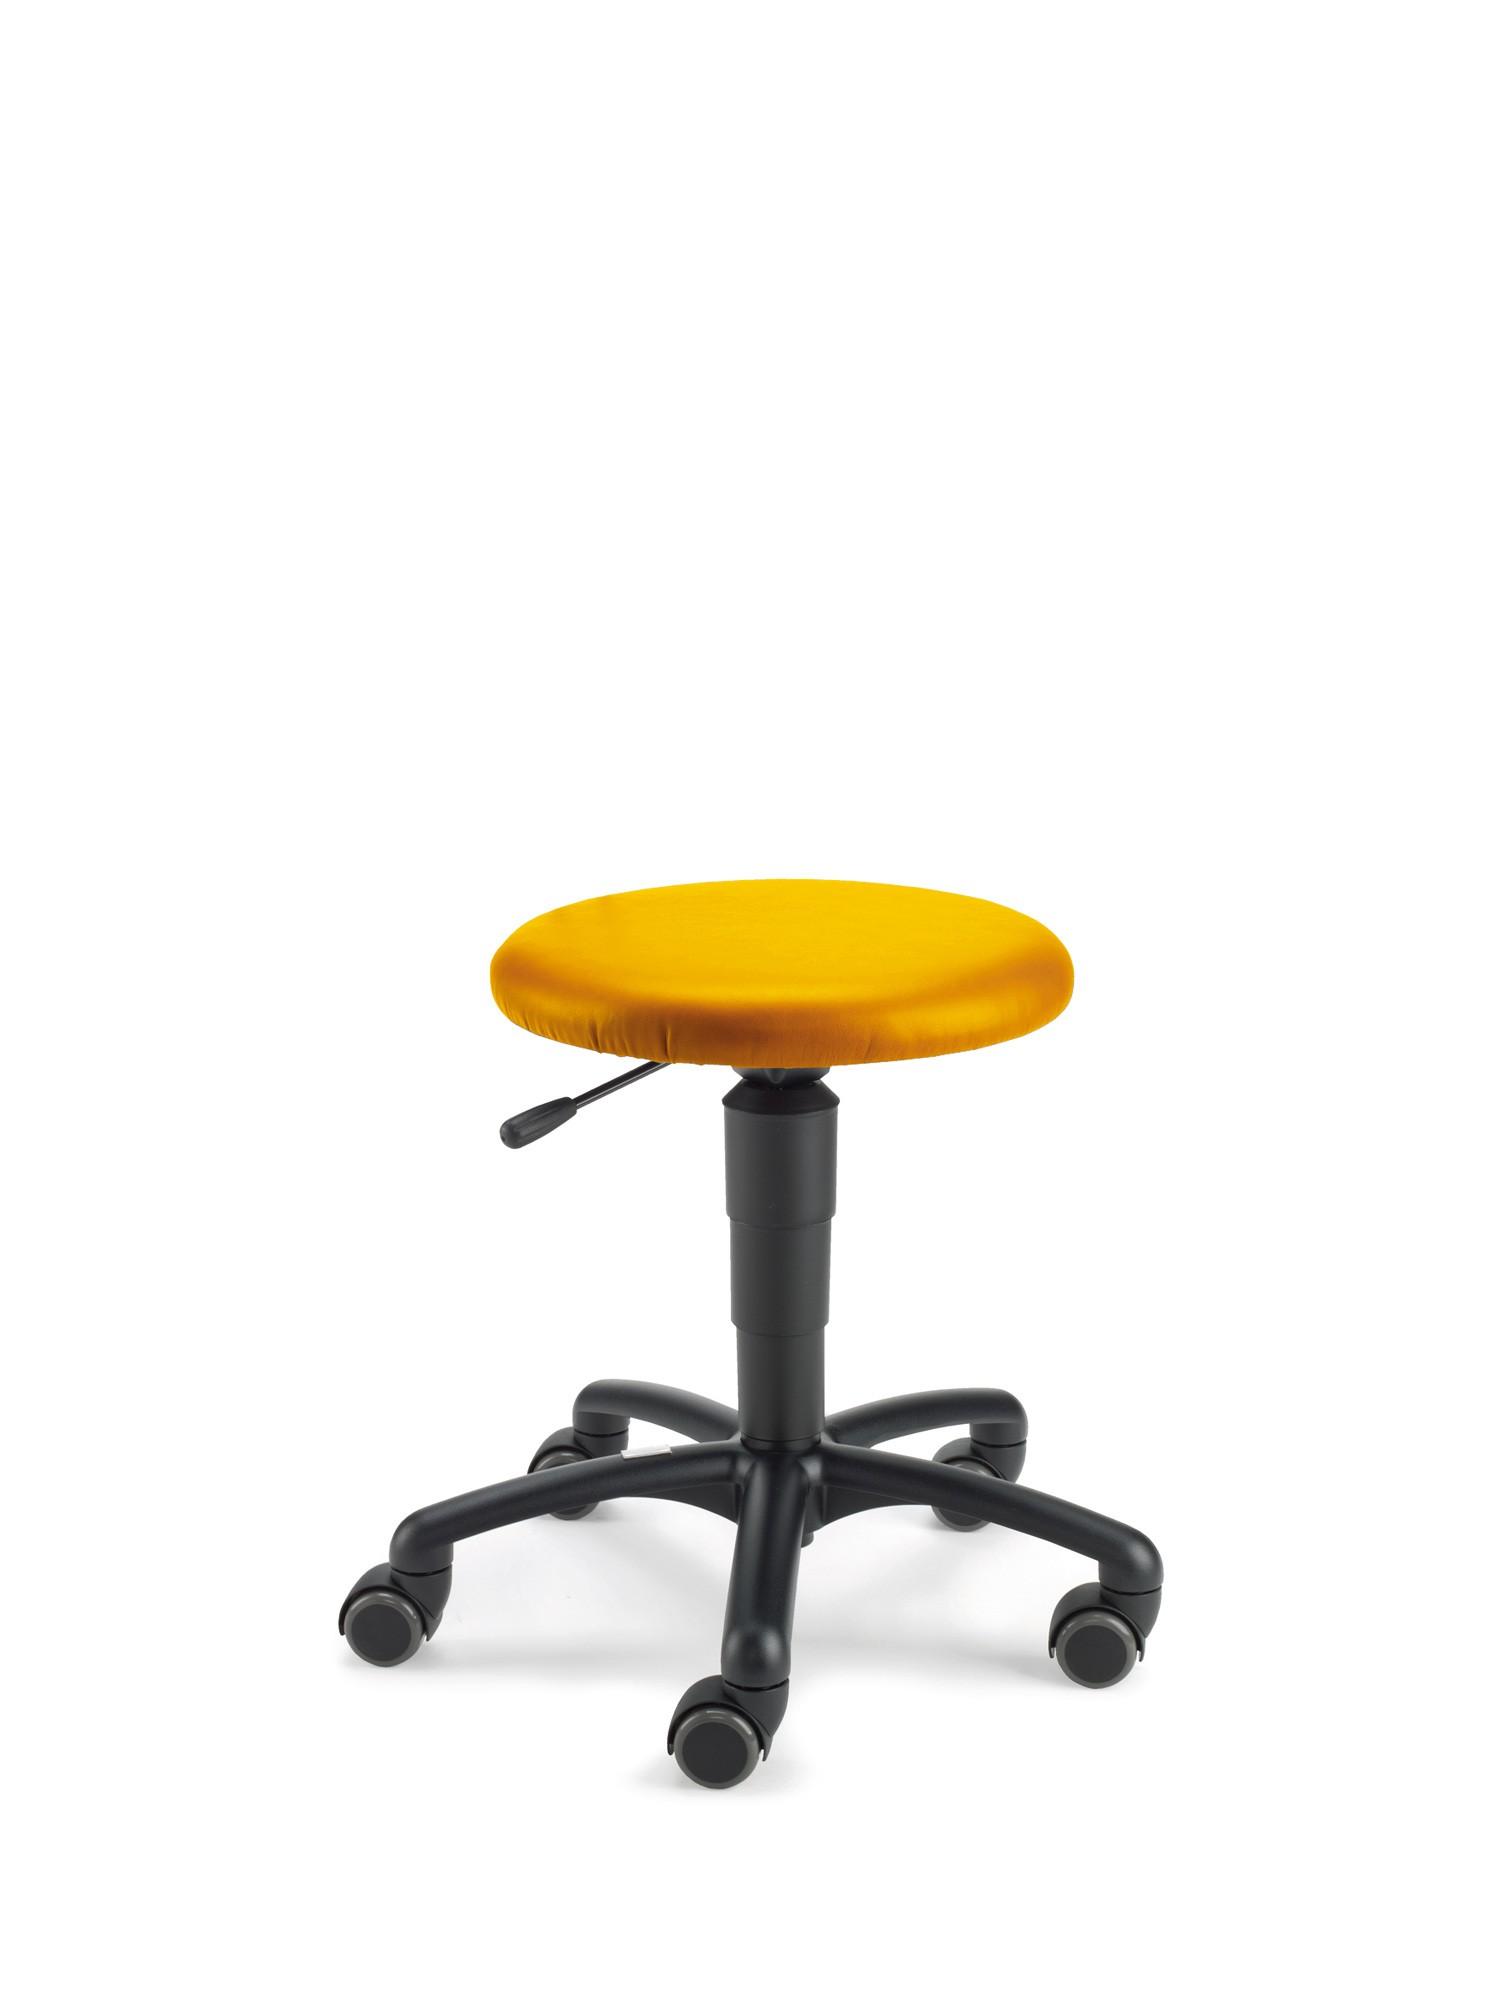 Beispiel mit Kunstlederbezug gelb (Farbe nachgestellt)